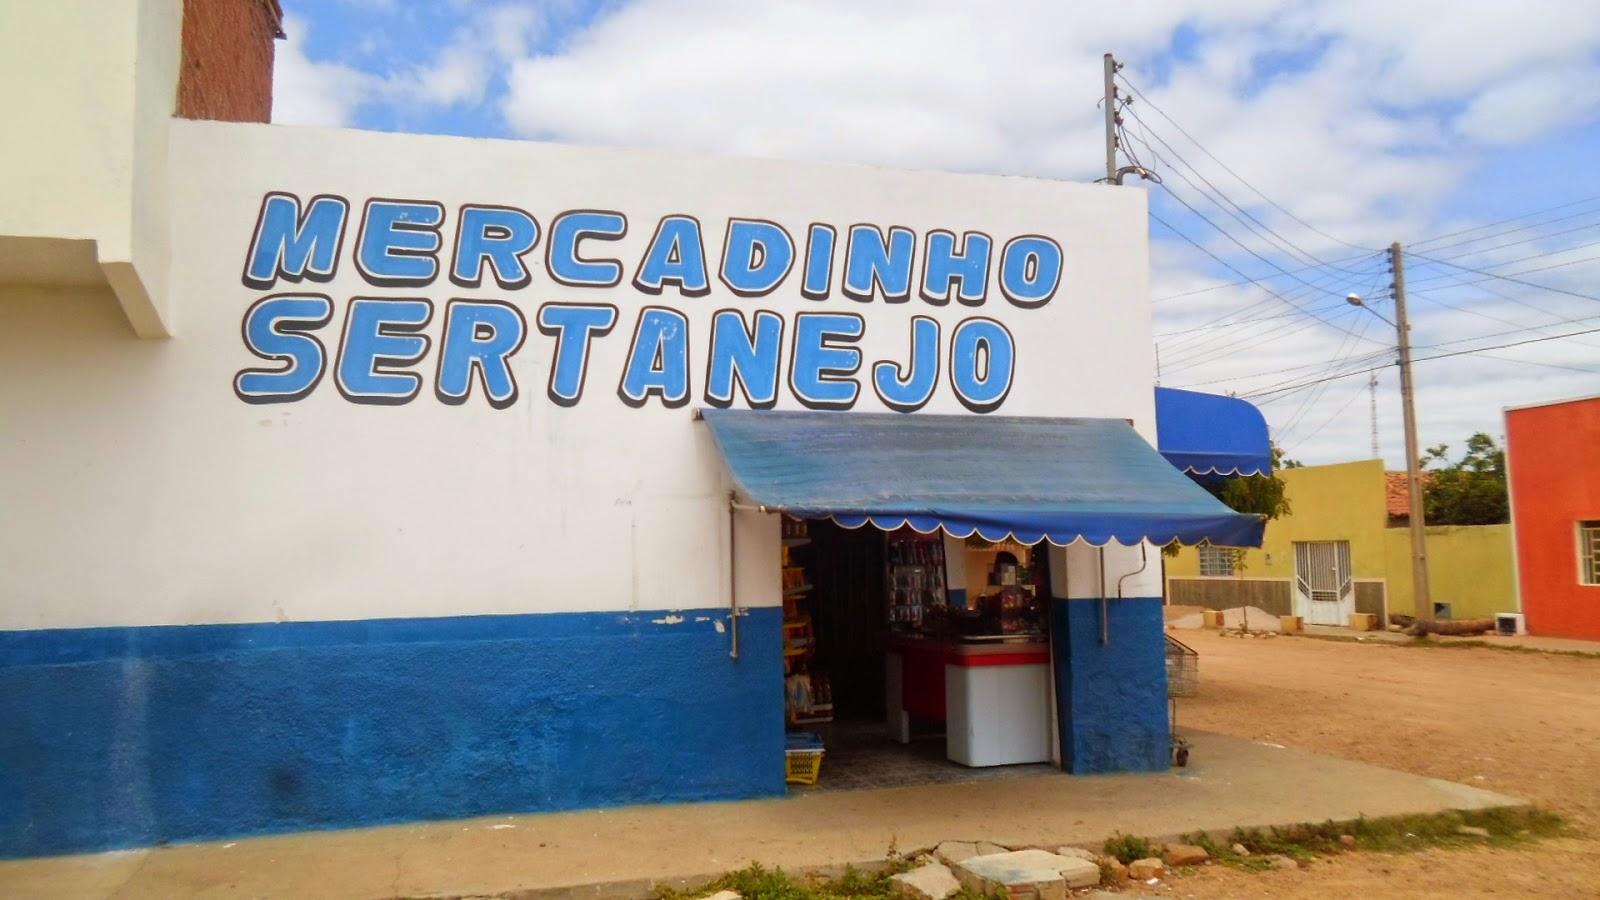 MERCADINHO SERTANEJO